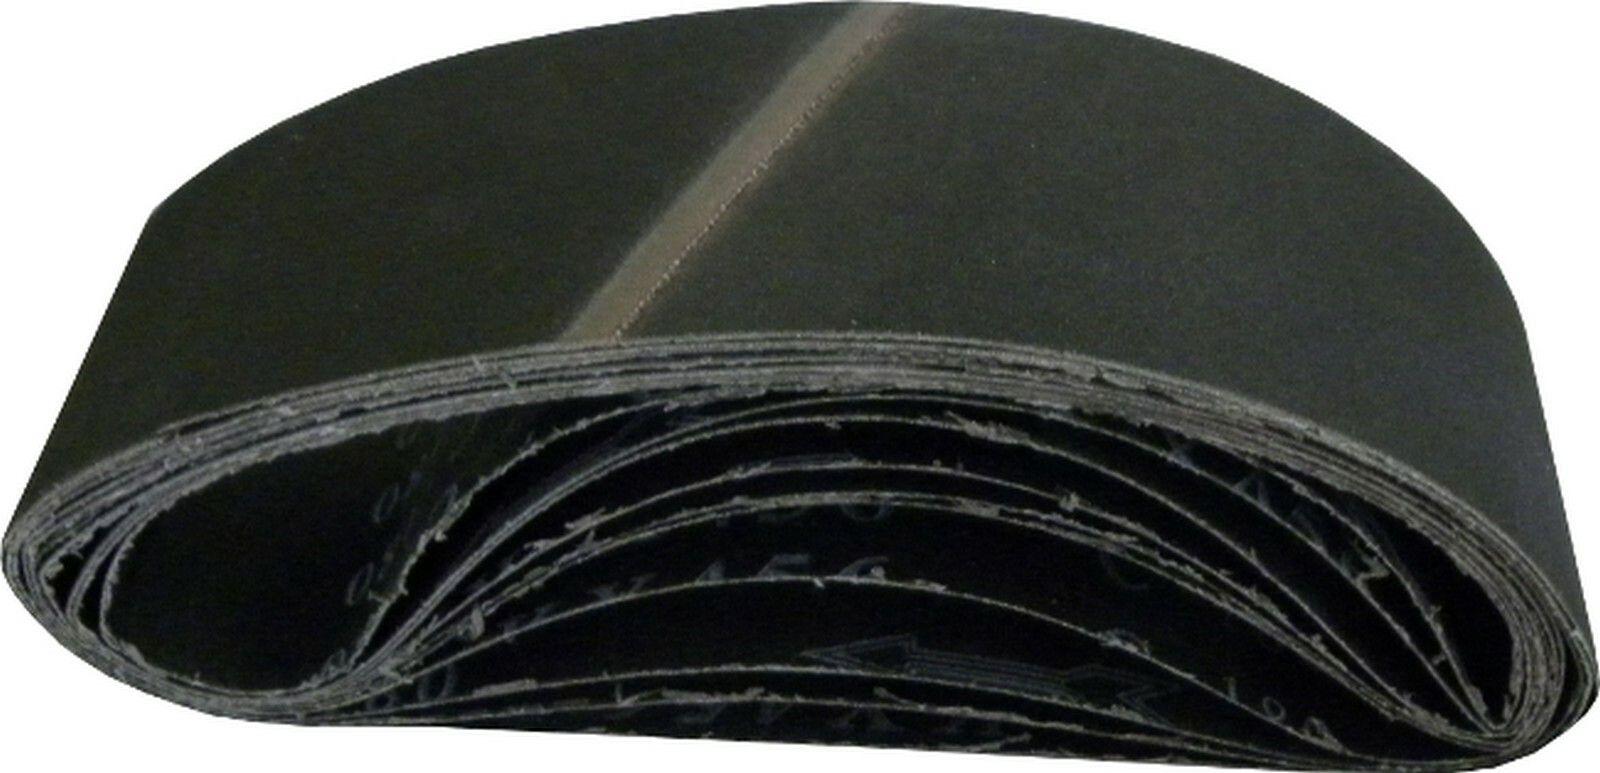 Plátno brusné nekonečný pás, 75x533mm, P80 GEKO